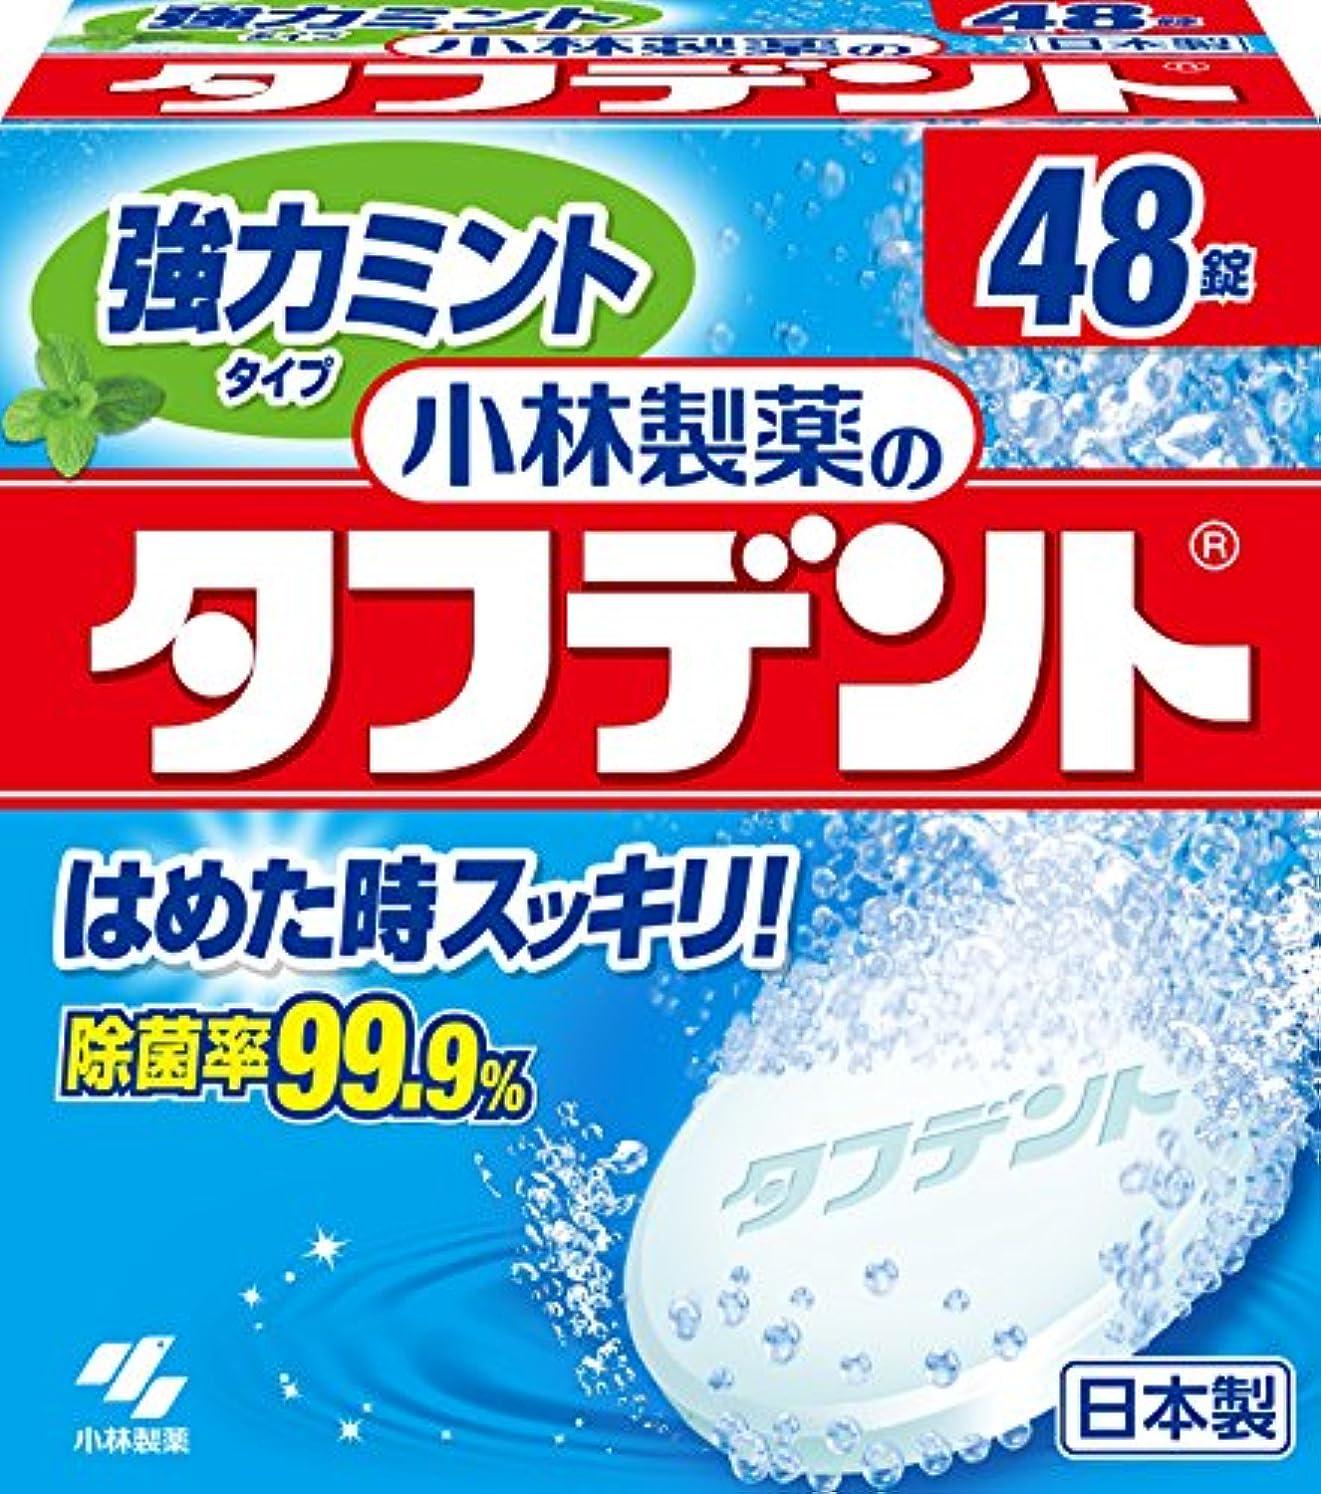 放送冷笑する周術期小林製薬のタフデント強力ミントタイプ 入れ歯用洗浄剤 ミントの香り 48錠